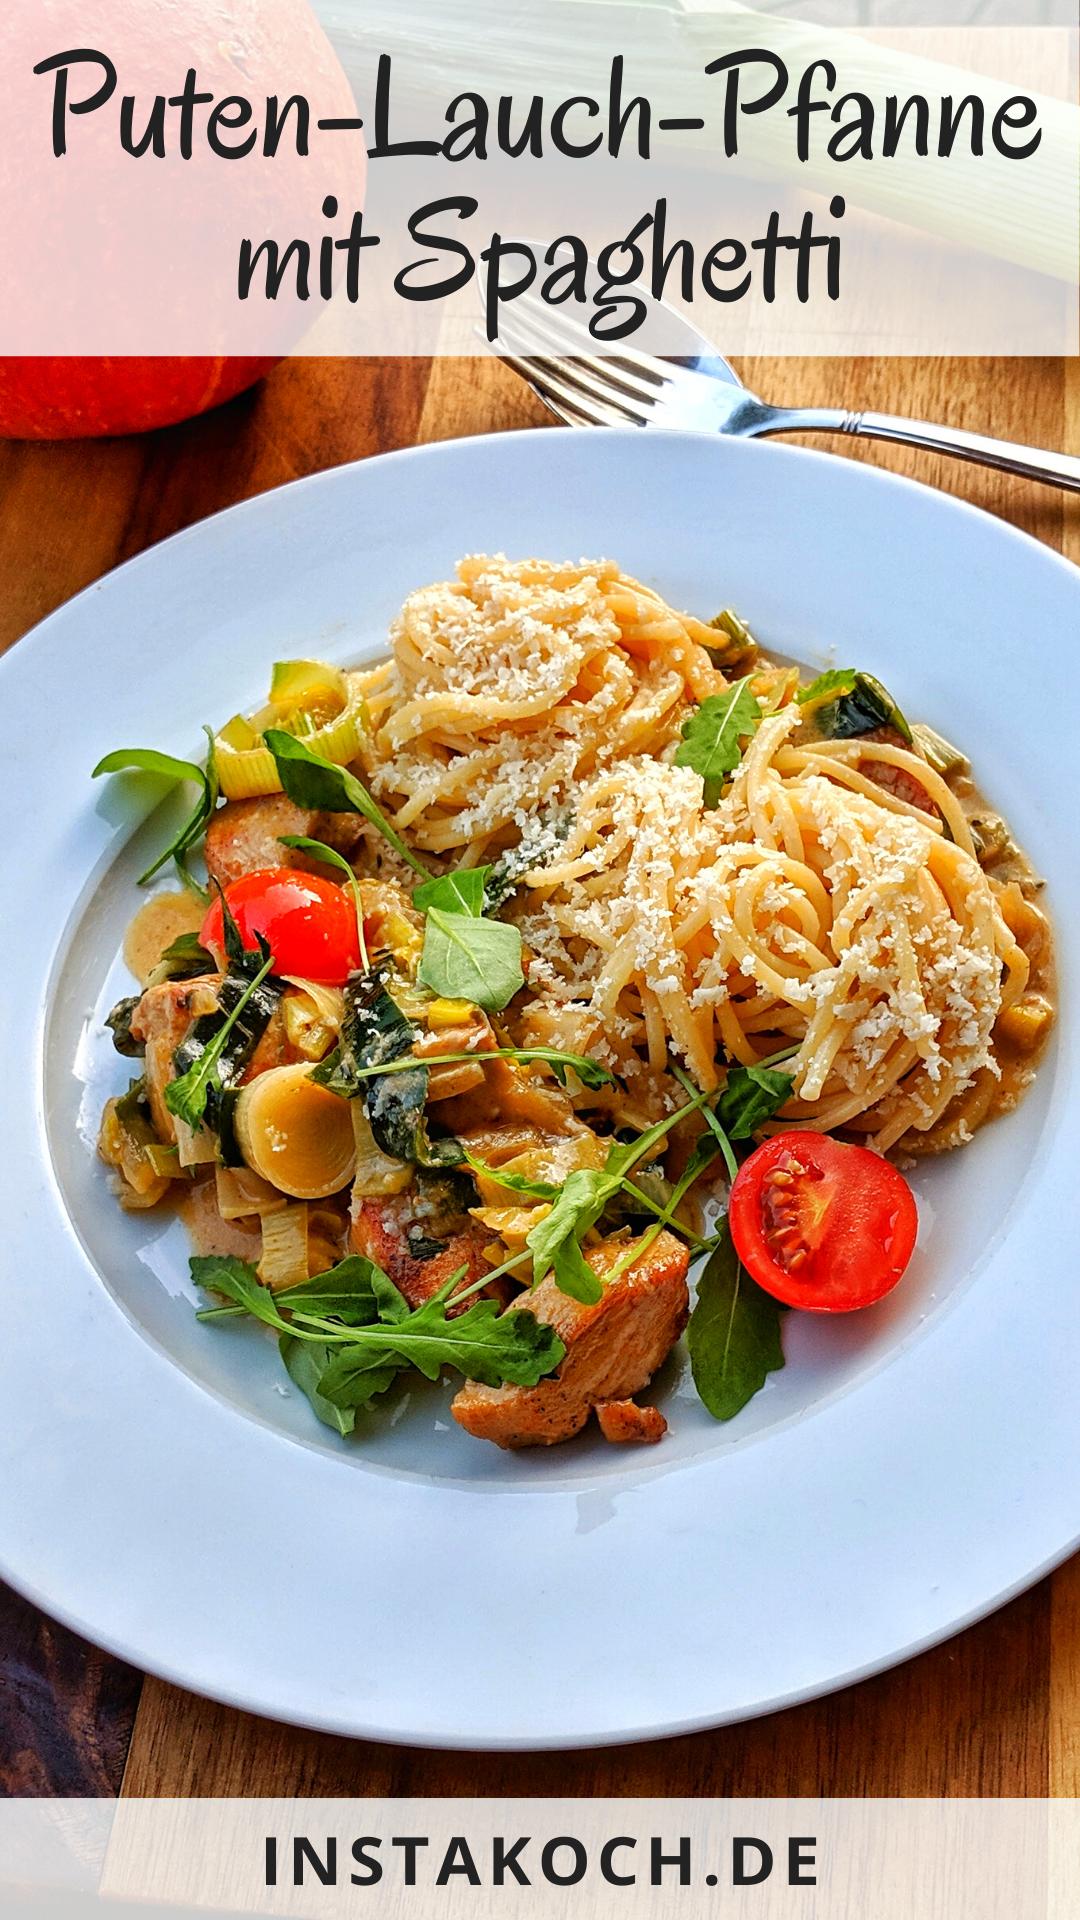 Puten Lauch Pfanne mit Spaghetti in cremiger Parmesan-Sahne-Soße - Ein einfaches Rezept